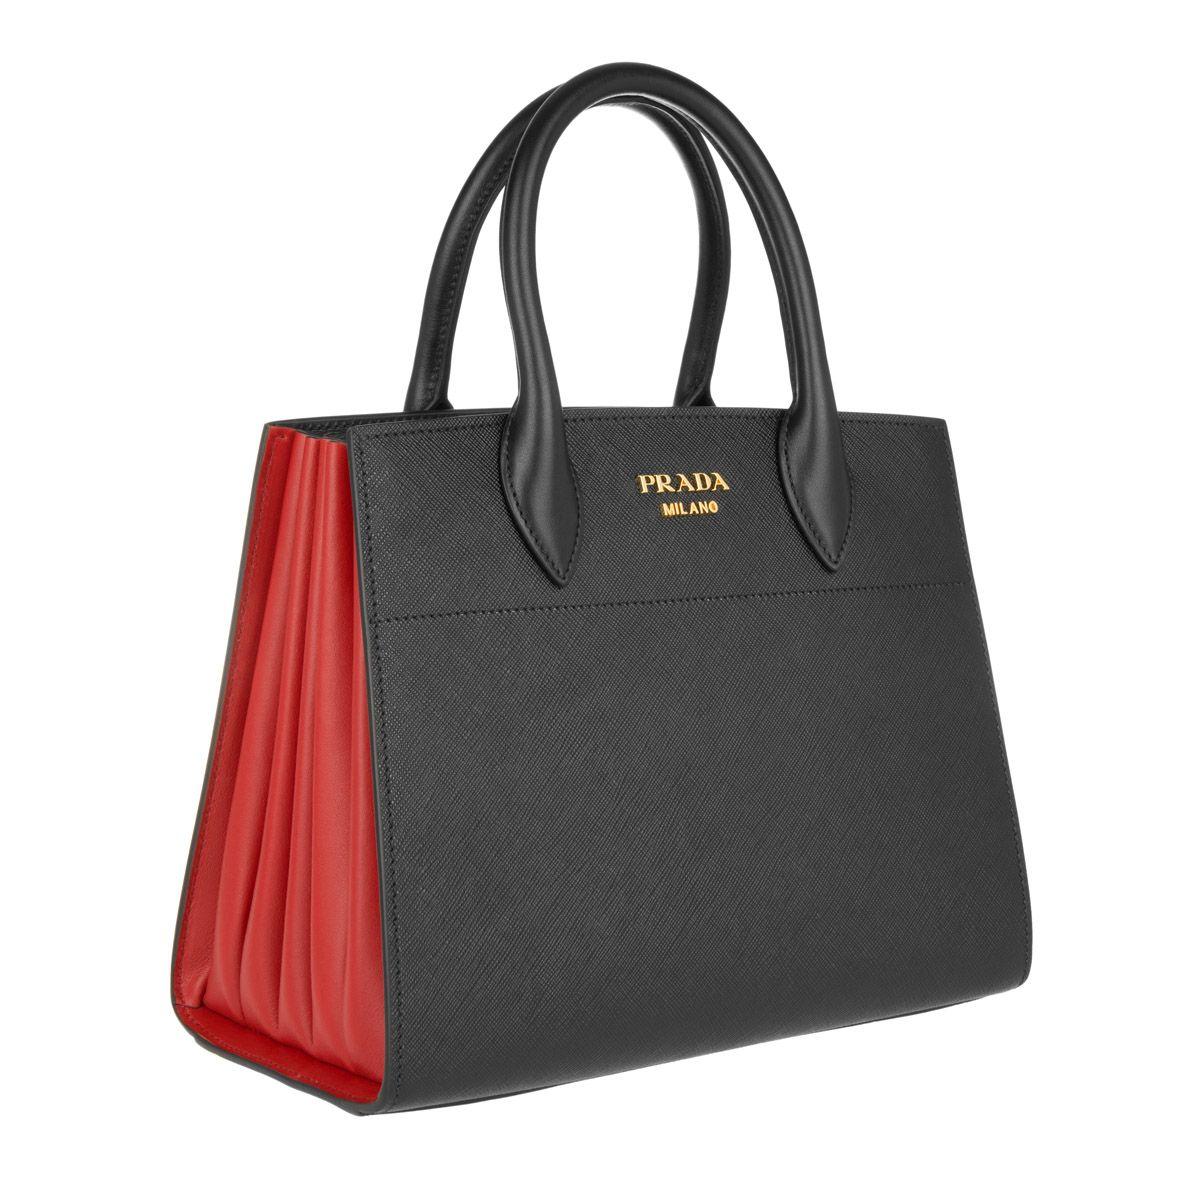 304d9e145da0 Prada Bibliothèque Bag Nero  Fuoco Elle bei Fashionette ...